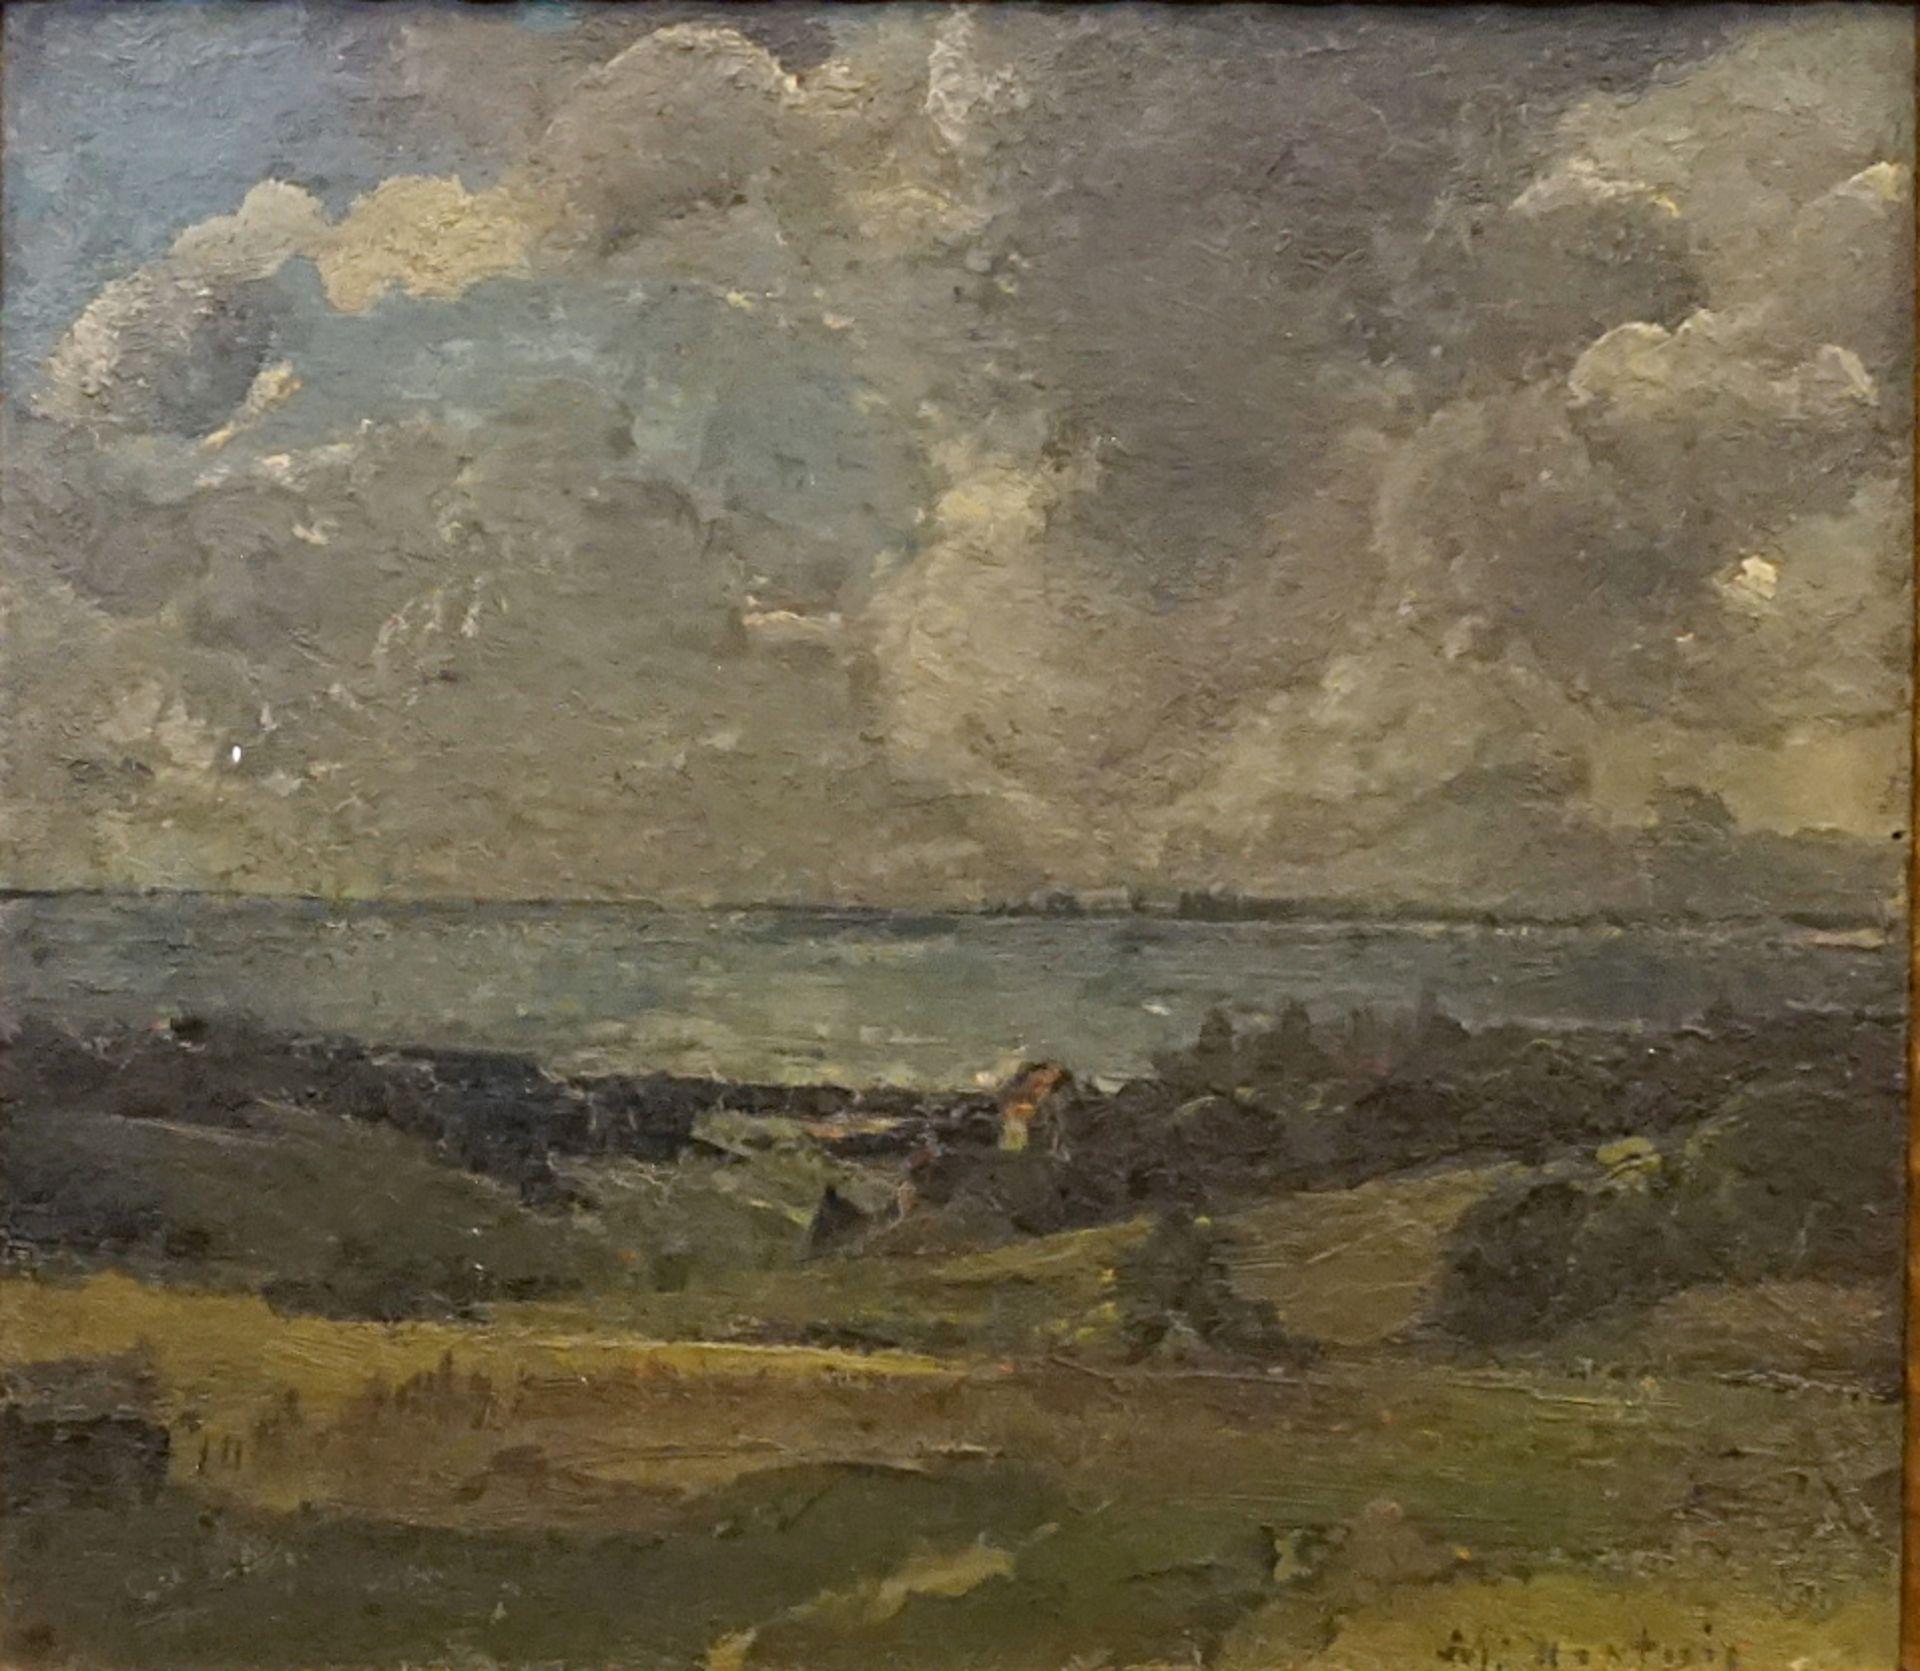 """1 Ölgemälde """"Süddeutsche Seenlandschaft"""" R.u. sign. M. HARDWIG (wohl Max H. 1873-19"""